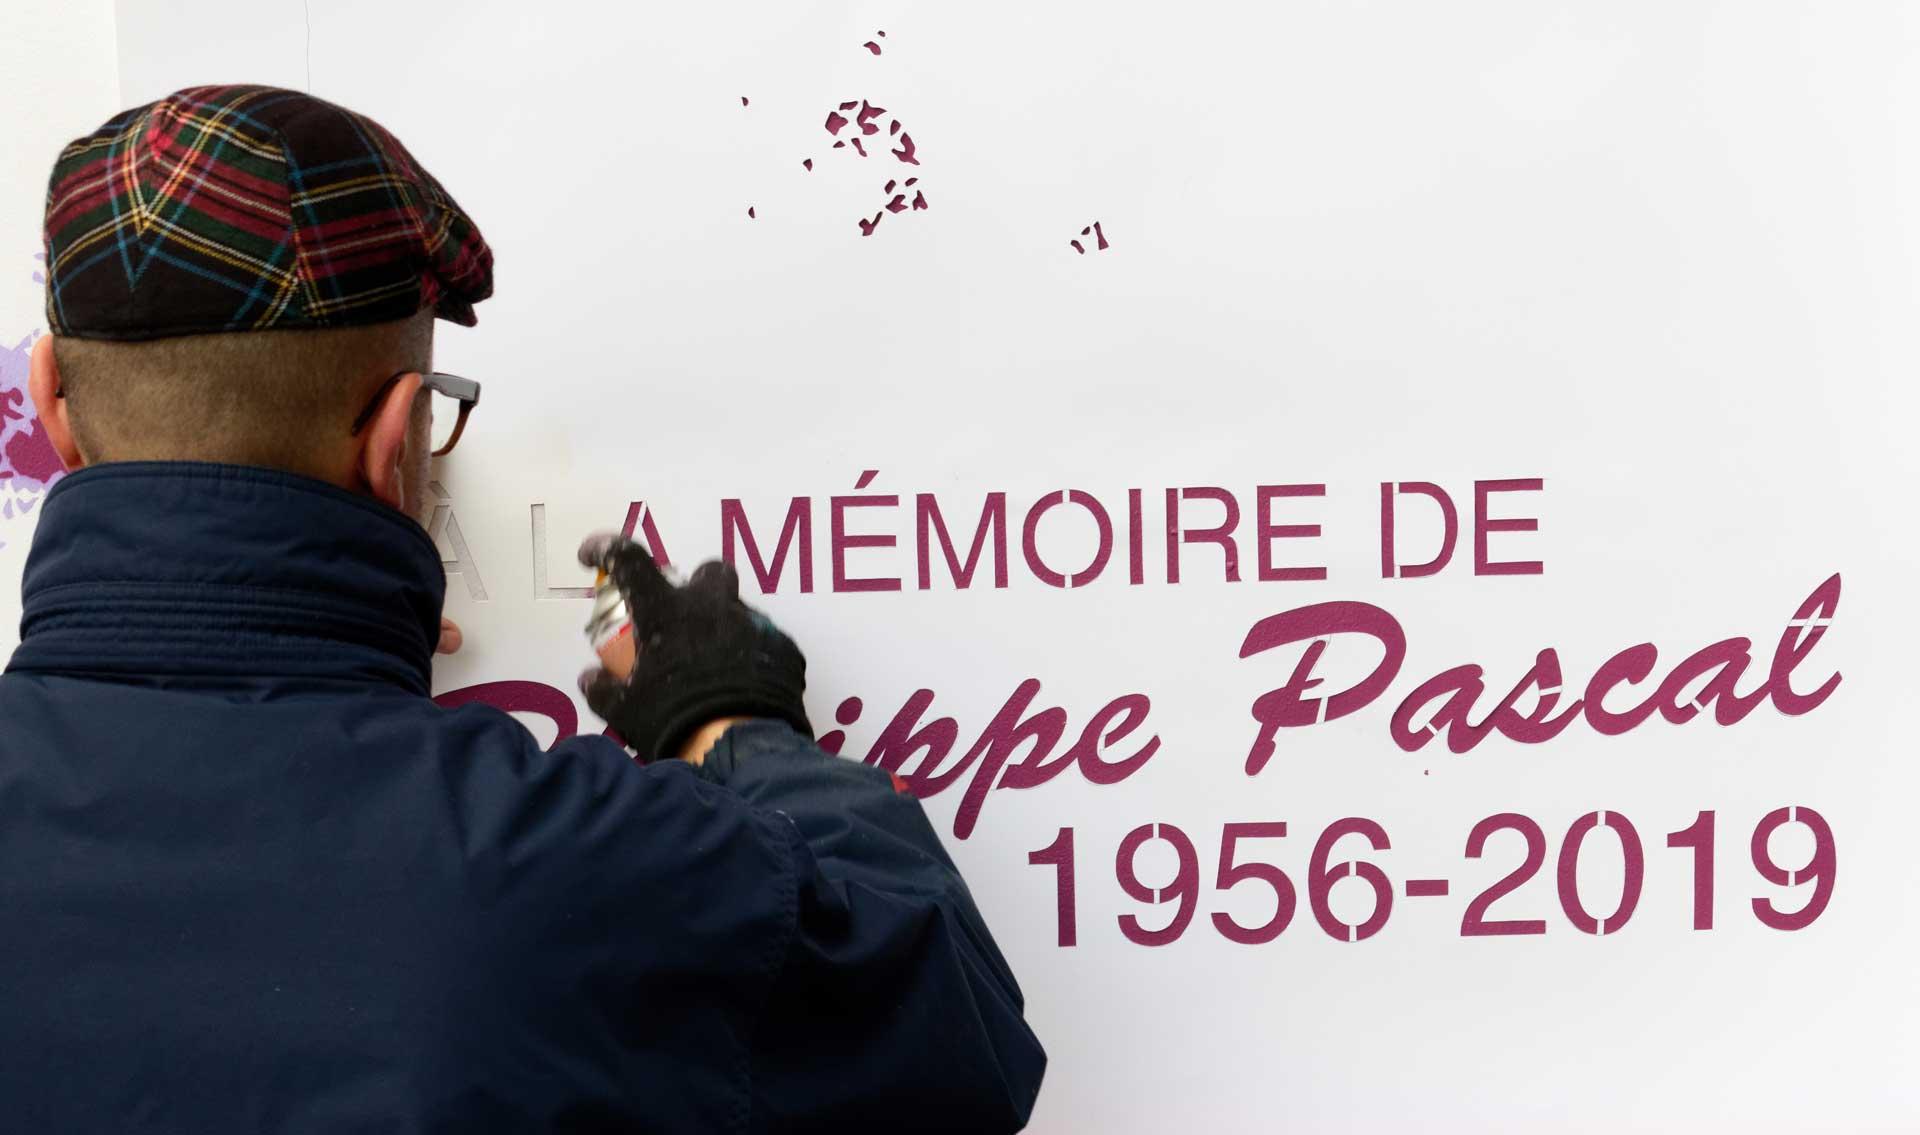 Poch-Patrice-memory-mur-de-rennes-monique-sammut-